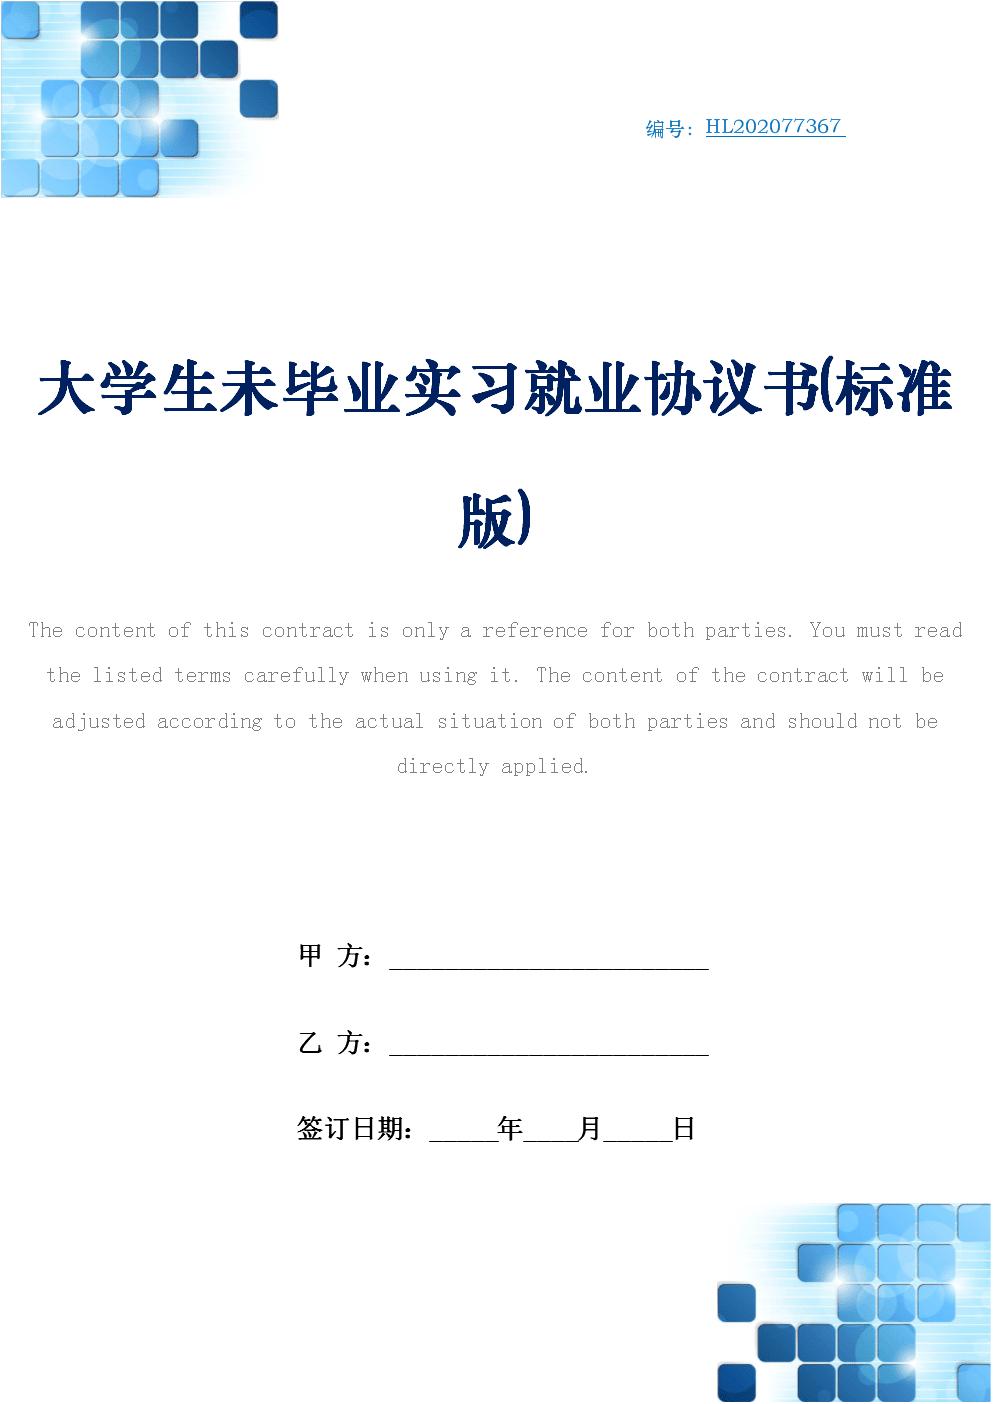 大学生未毕业实习就业协议书(标准版).docx